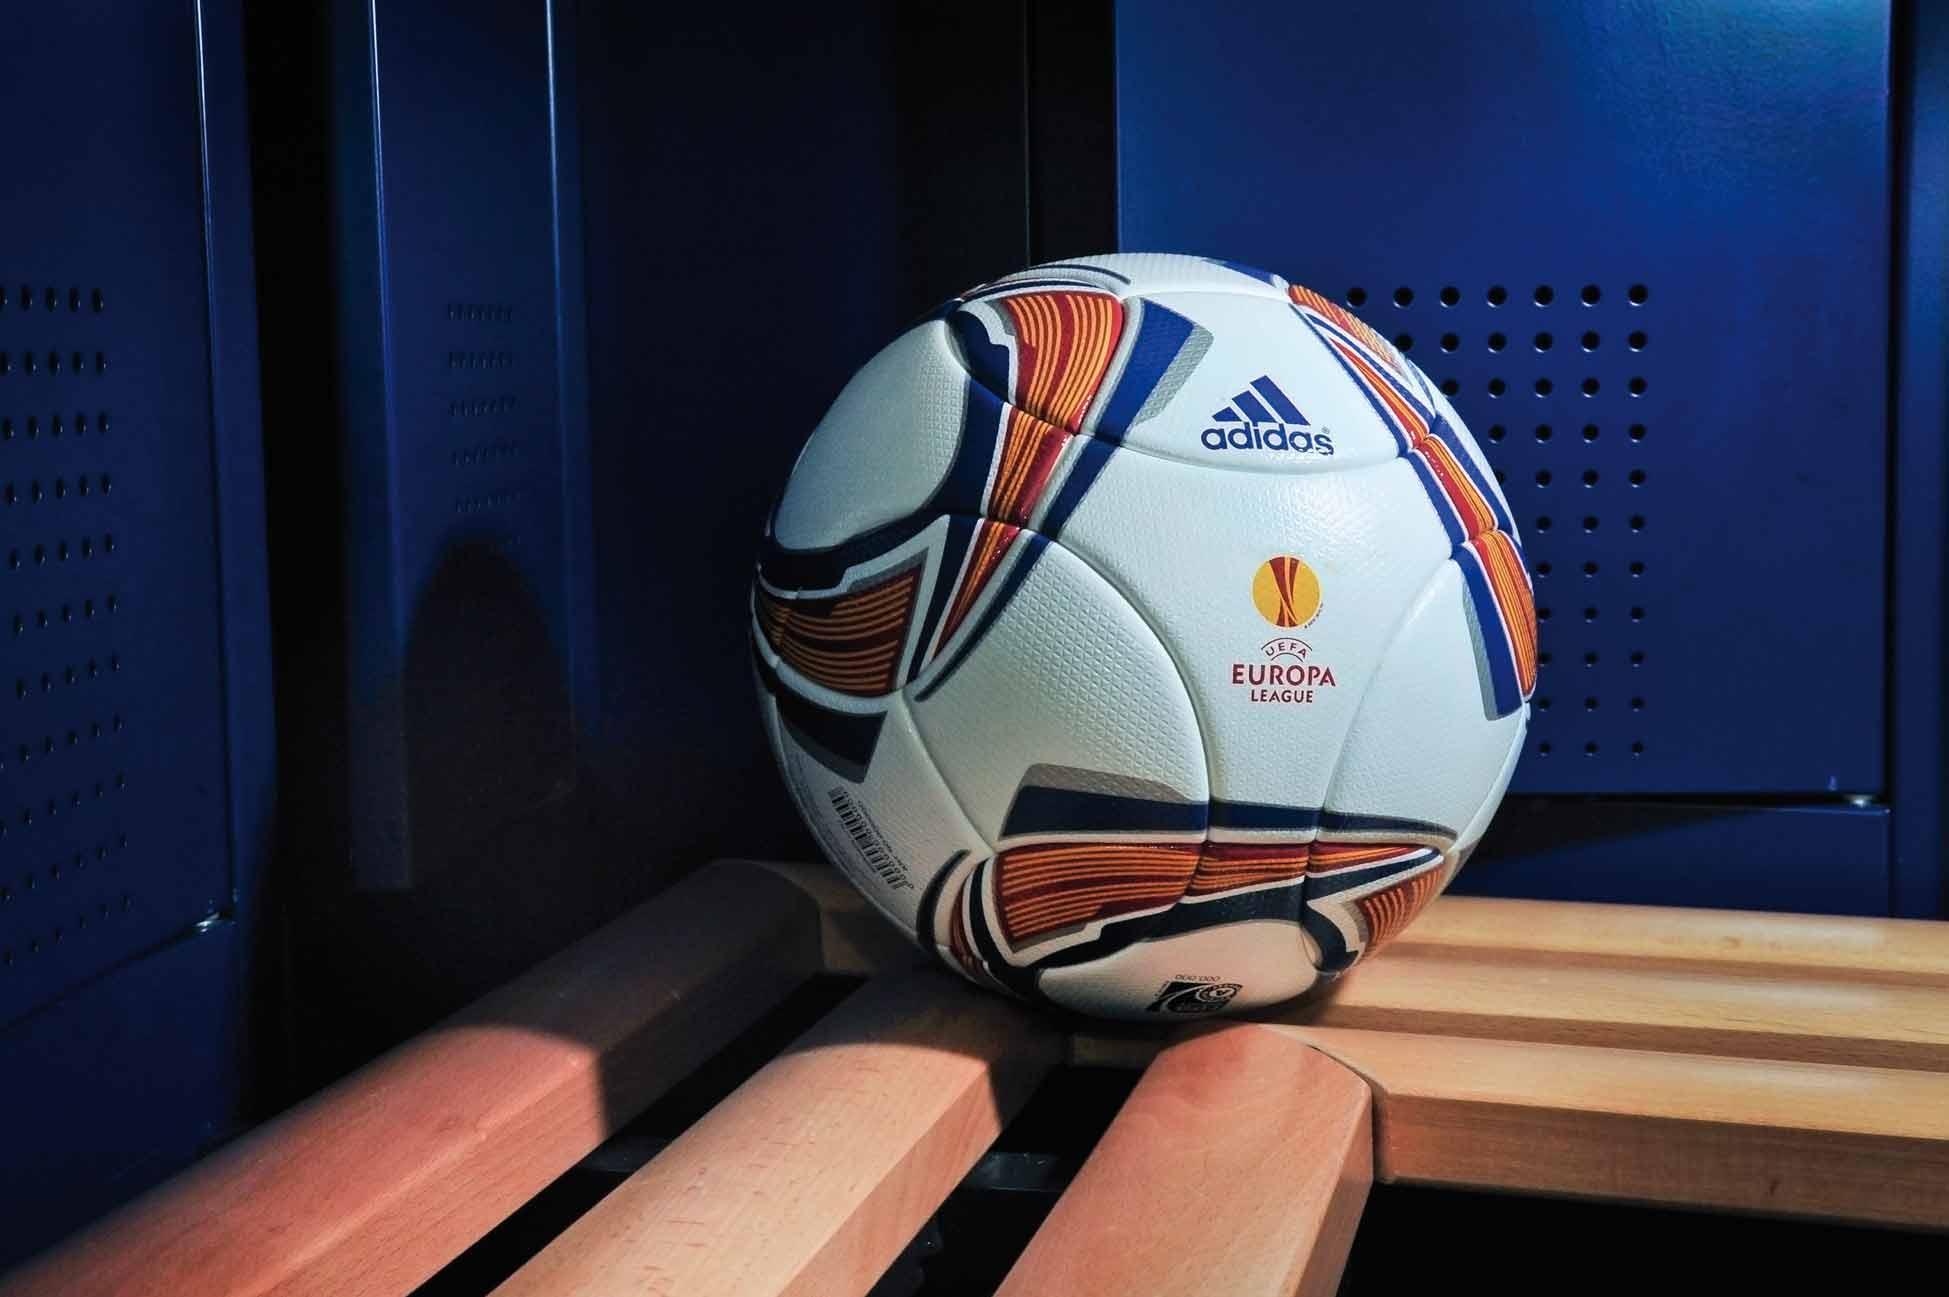 Мяч Лиги Европы 2011/12